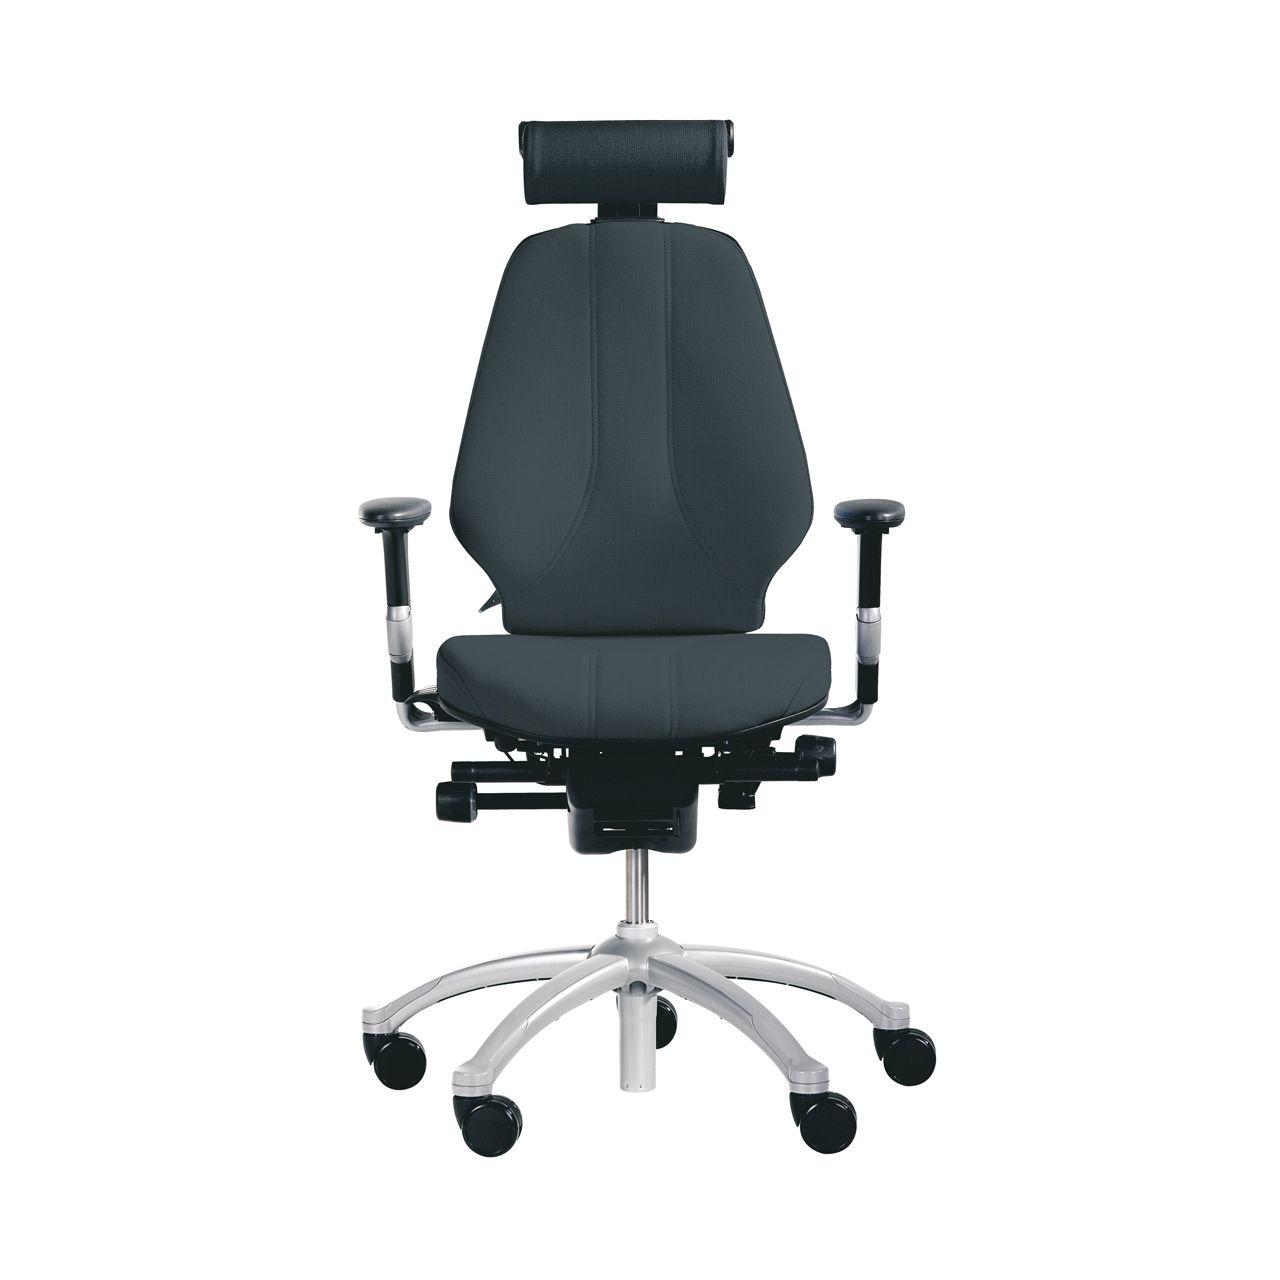 Goede Bureaustoel Voor Rug.Rh Logic 300 Xl Ergonomische Bureaustoel Health2work